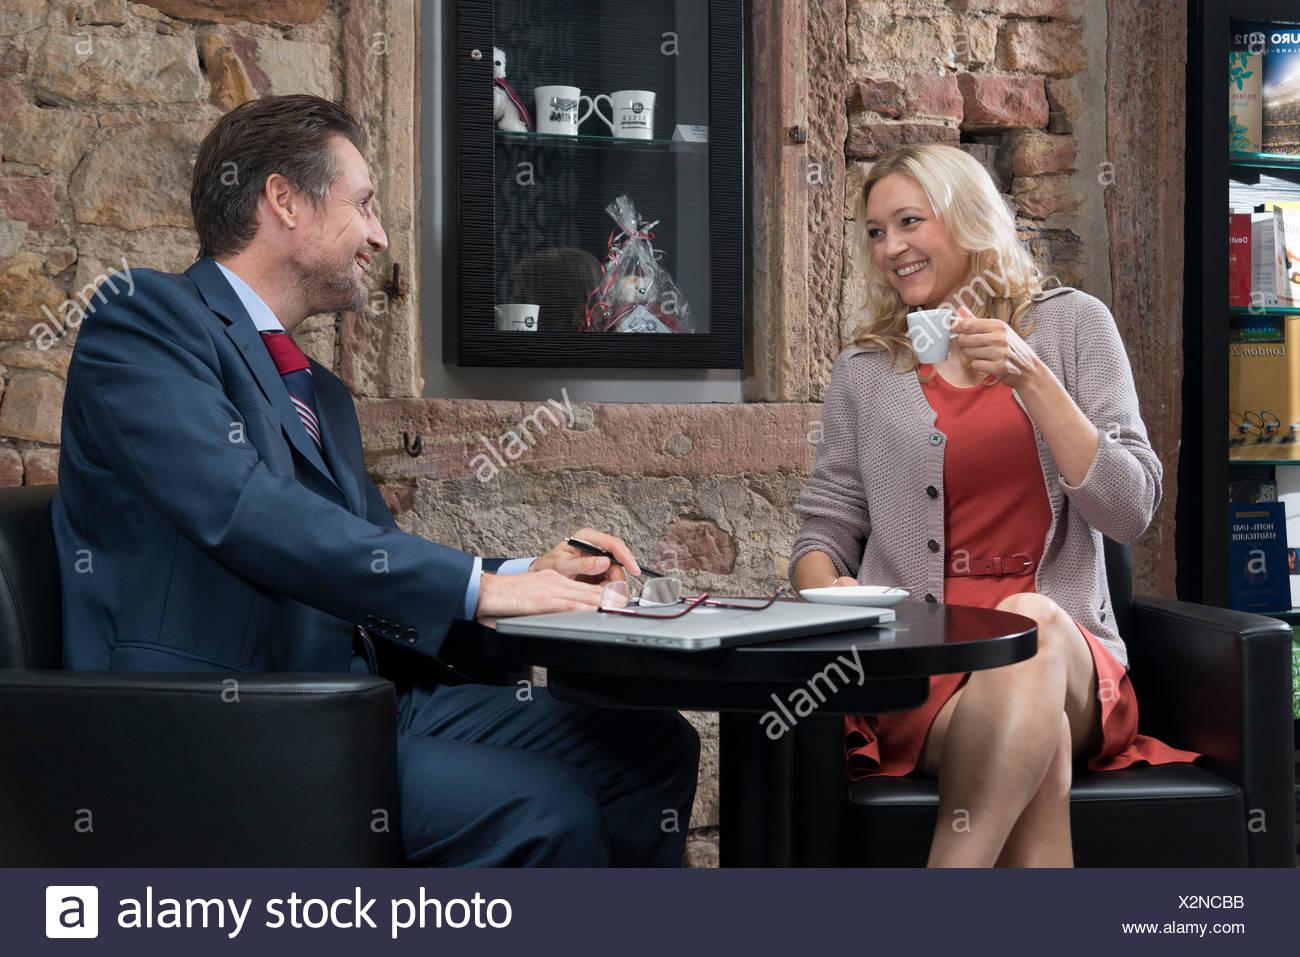 L'homme et la femme à la table dans le hall de l'hôtel, boire un expresso, Sourire, contact avec les yeux, le flirt Photo Stock